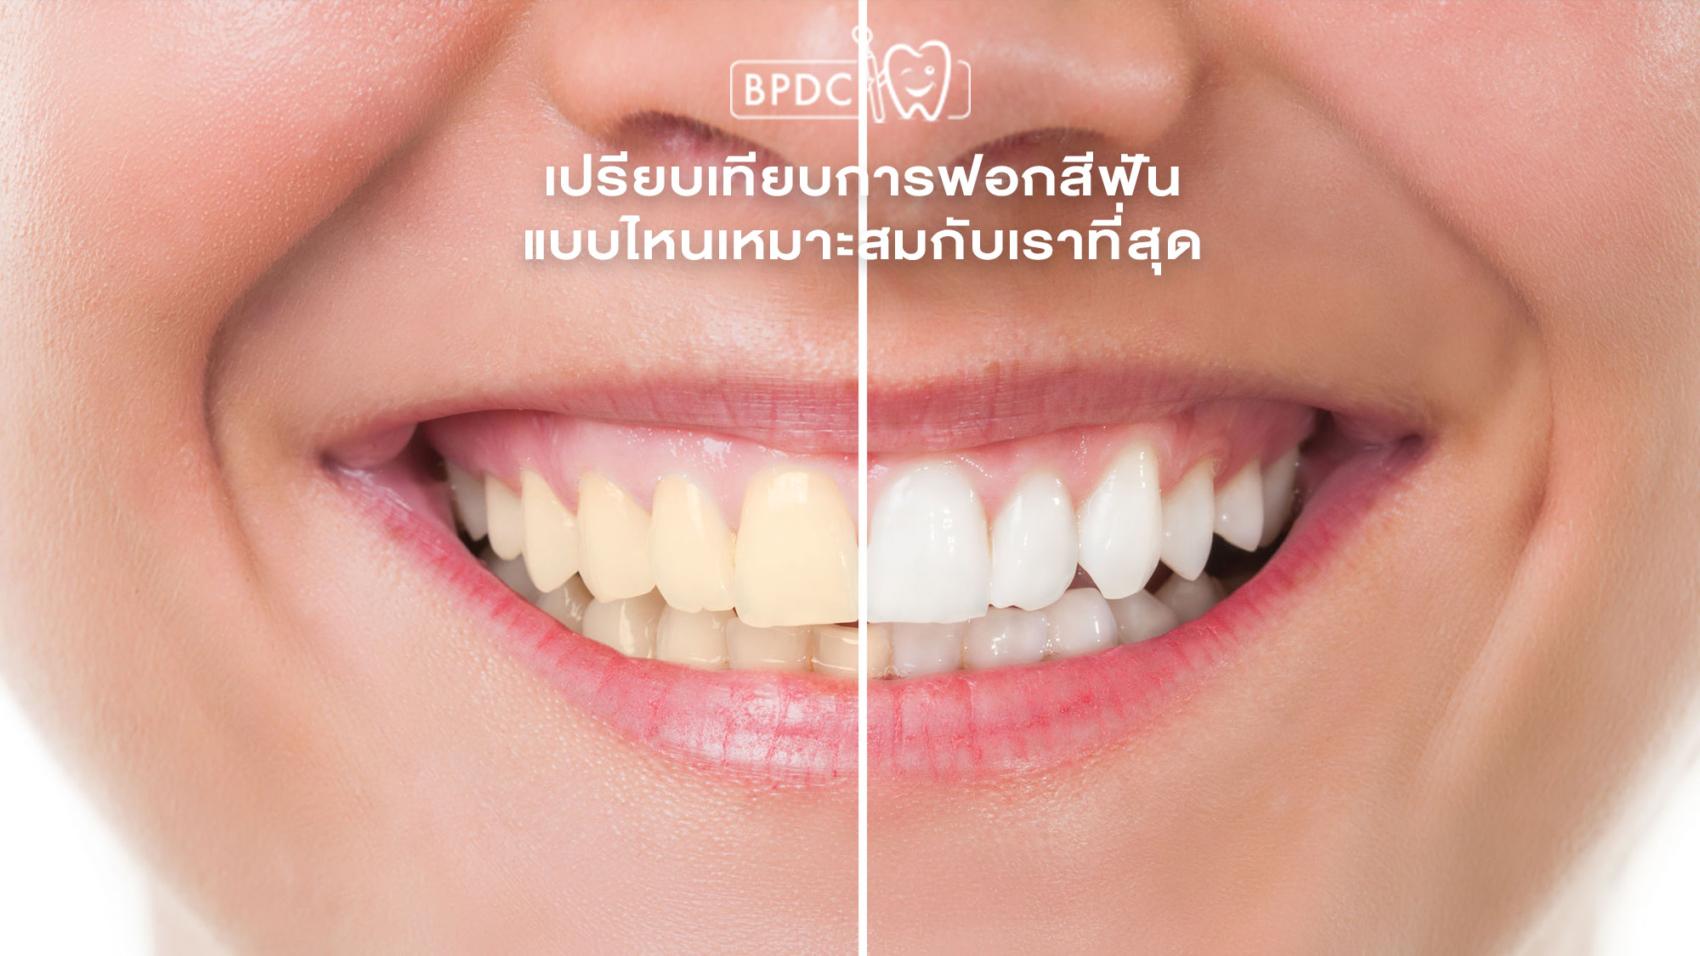 เปรียบเทียบการฟอกสีฟัน แบบไหนเหมาะสมกับเราที่สุด